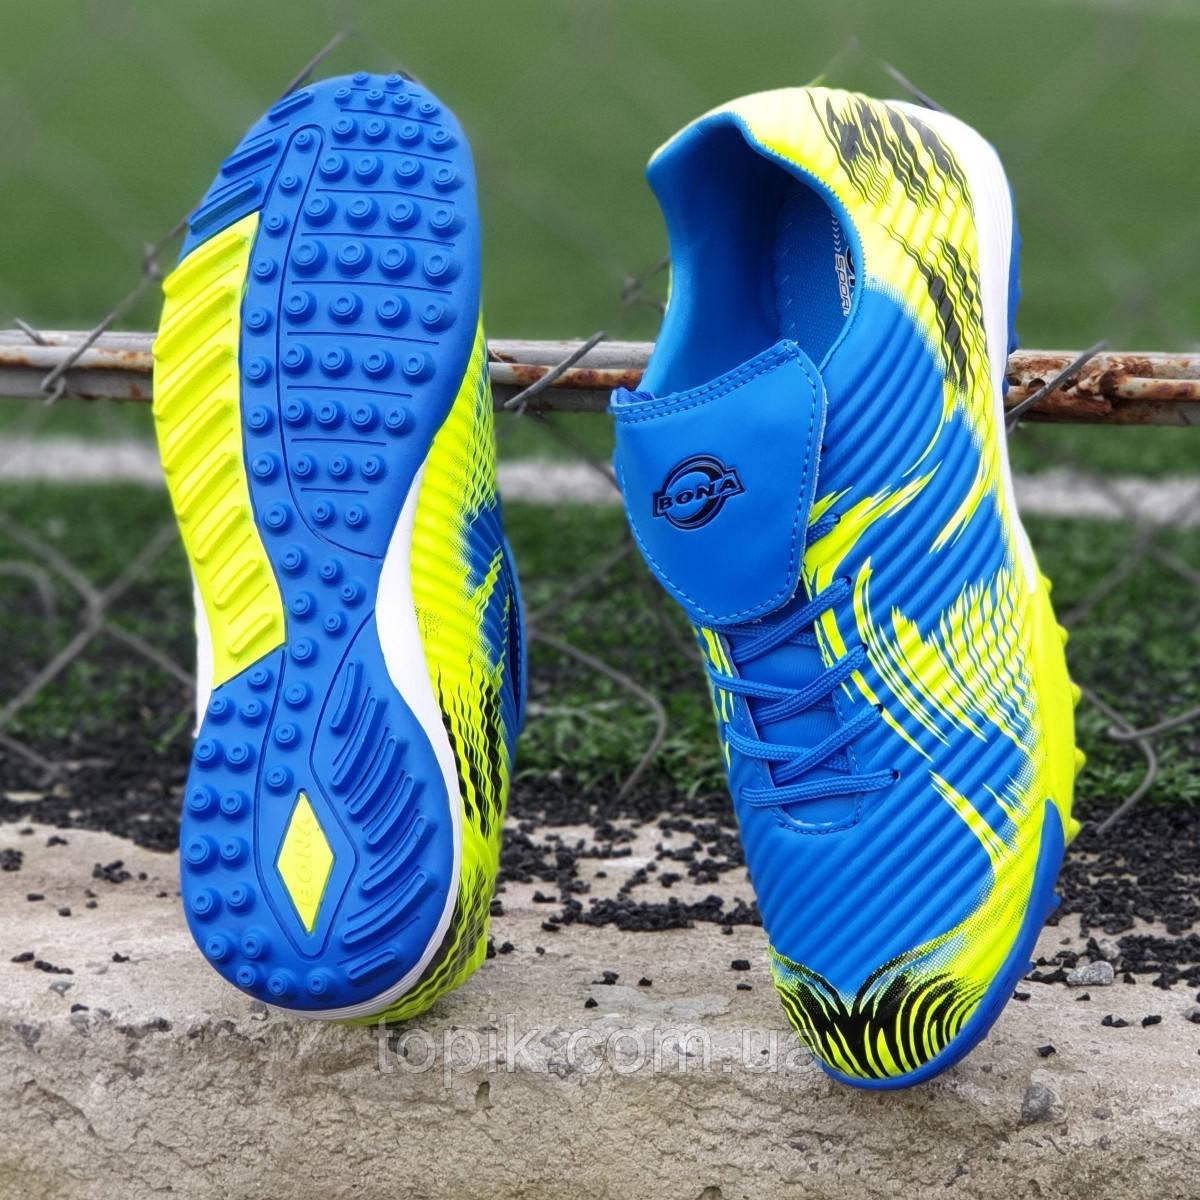 Подростковые сороконожки, бампы, кроссовки для футбола на мальчика синие желтые, яркие и удобные (Код: 1392а)